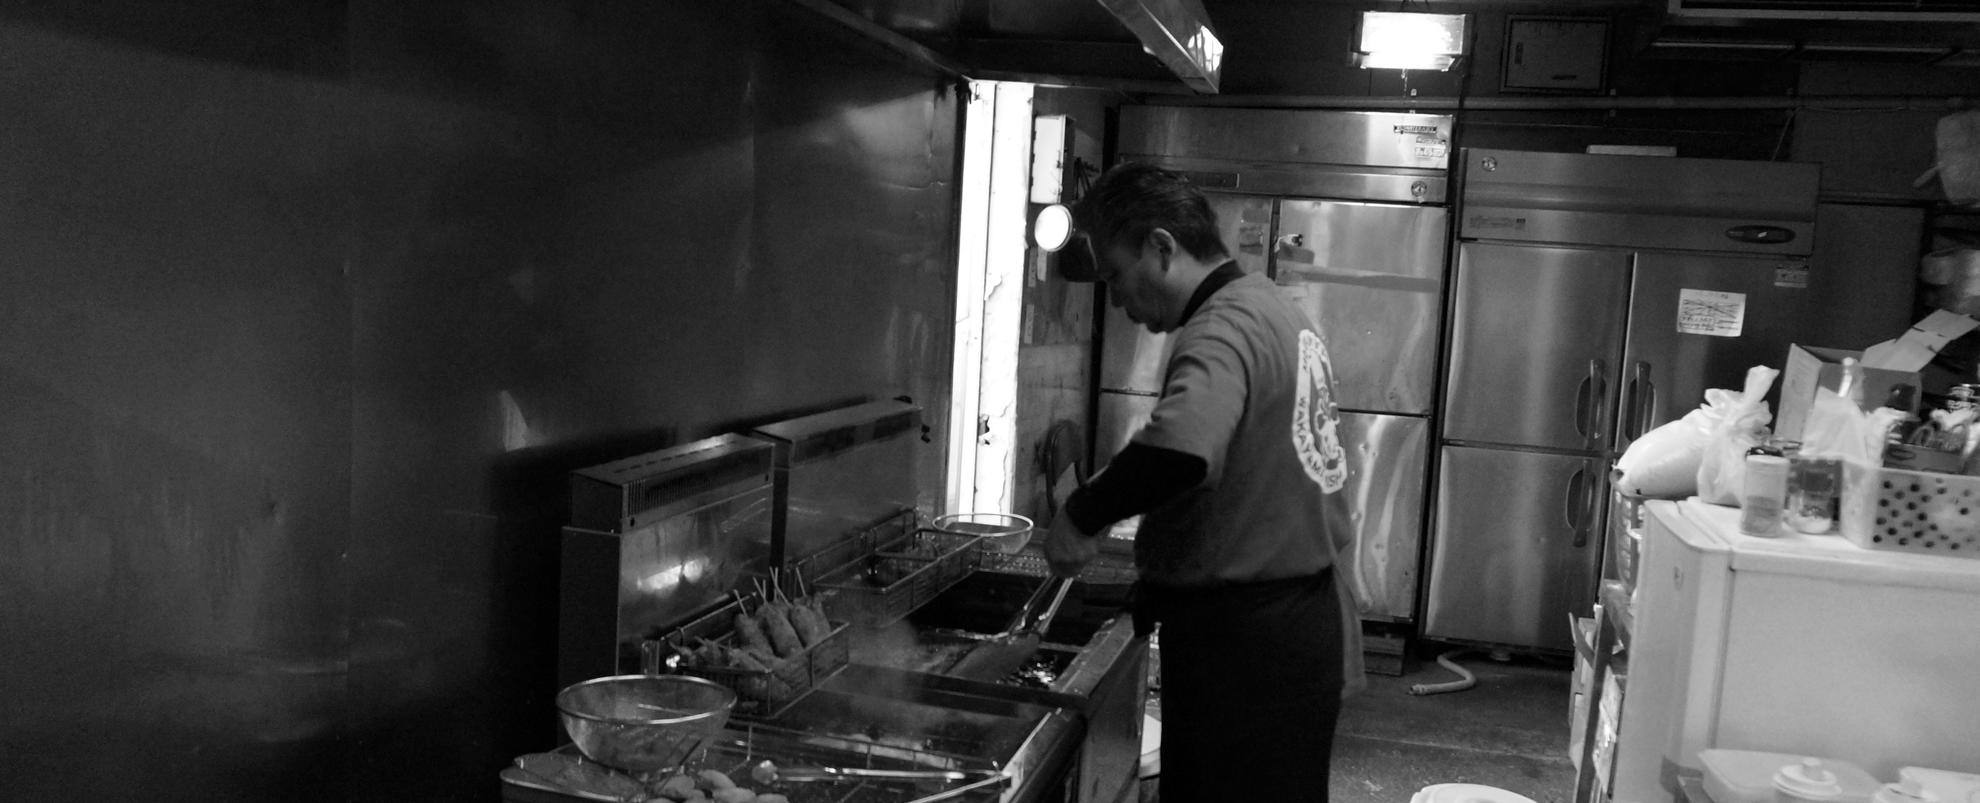 からあげ まんぷく亭の店主國友聖一が、岩出市の店舗でこだわりのからあげを調理している